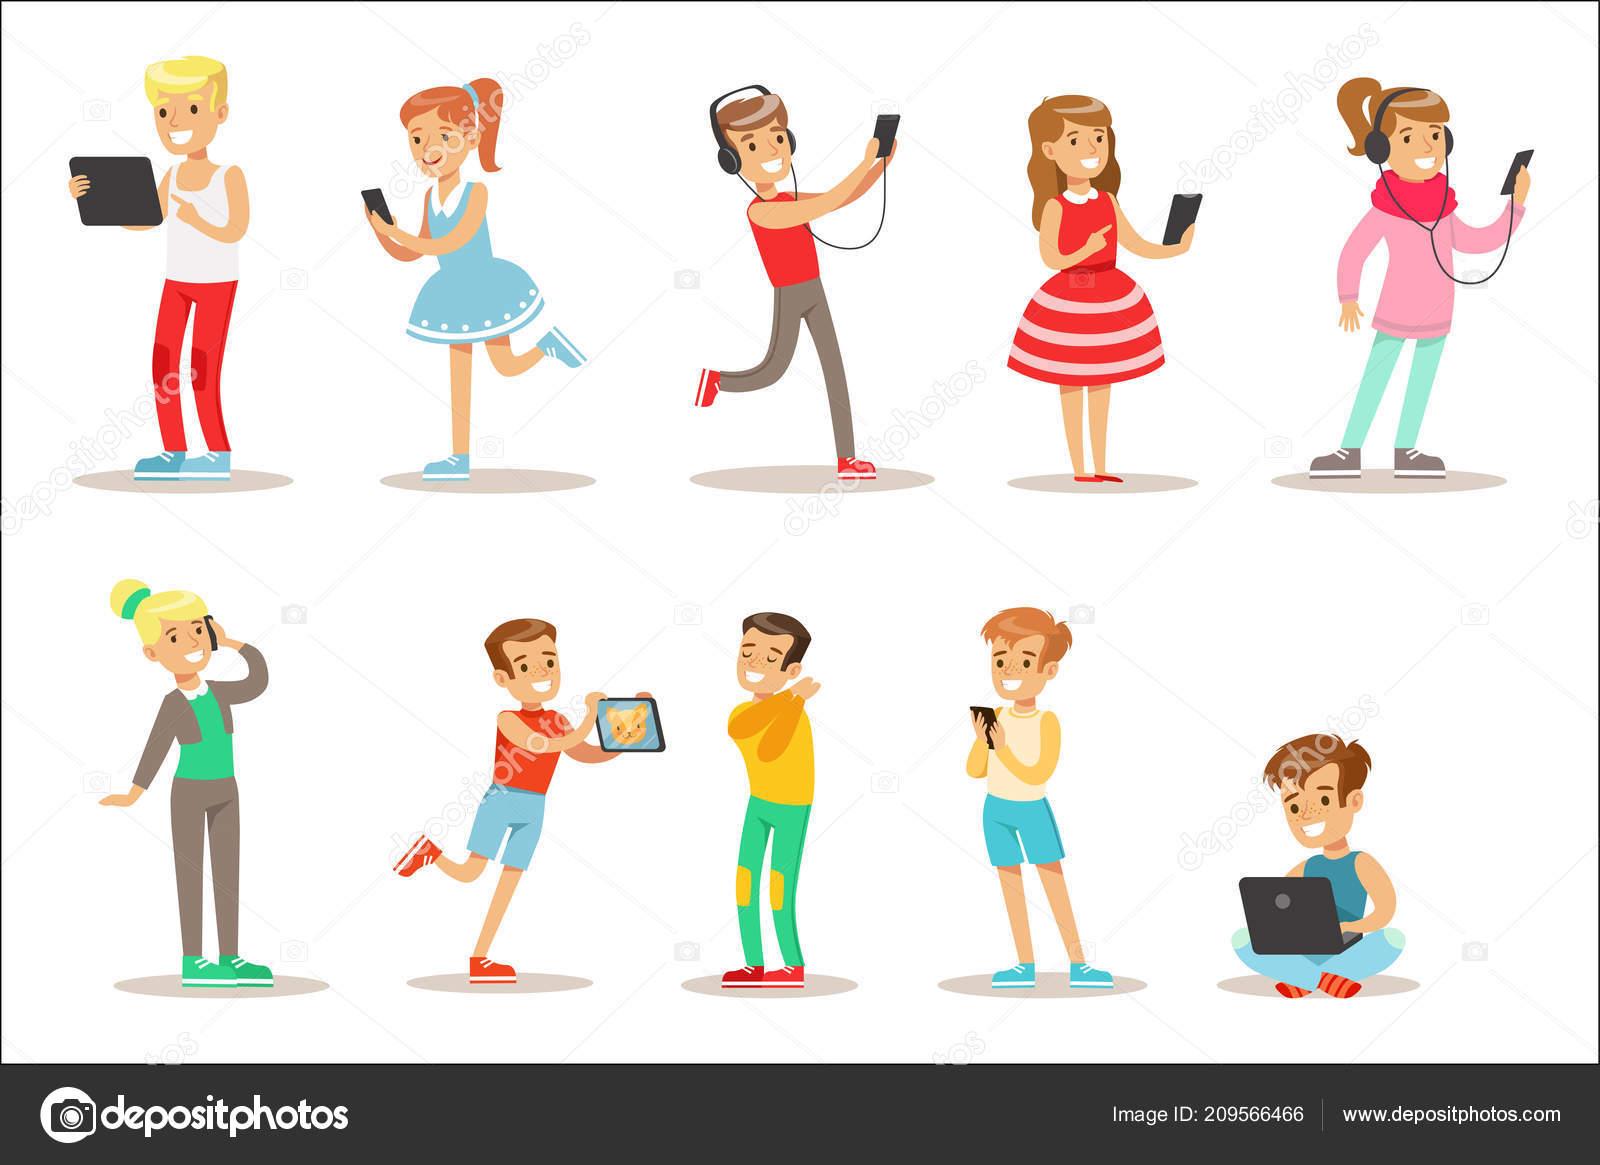 49e1c431b9d391 Kinderen en Gadgets Set illustraties met kinderen kijken, luisteren en  spelen met behulp van elektronische apparaten. Tiener technologie  verslaafden ...